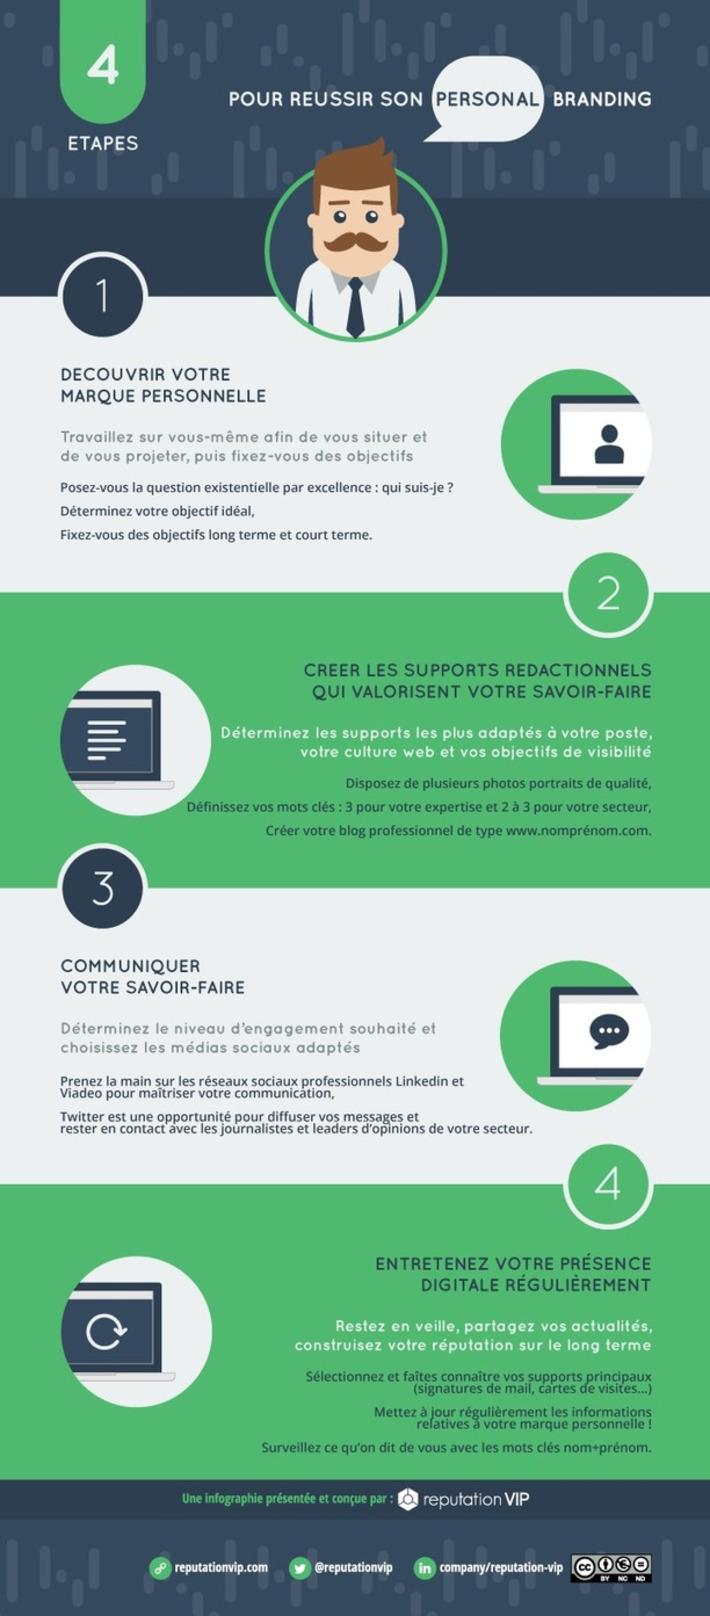 Infographie Personal Branding : 4 étapes pour construire votre marque personnelle | Médias sociaux : Conseils, Astuces et stratégies | Scoop.it